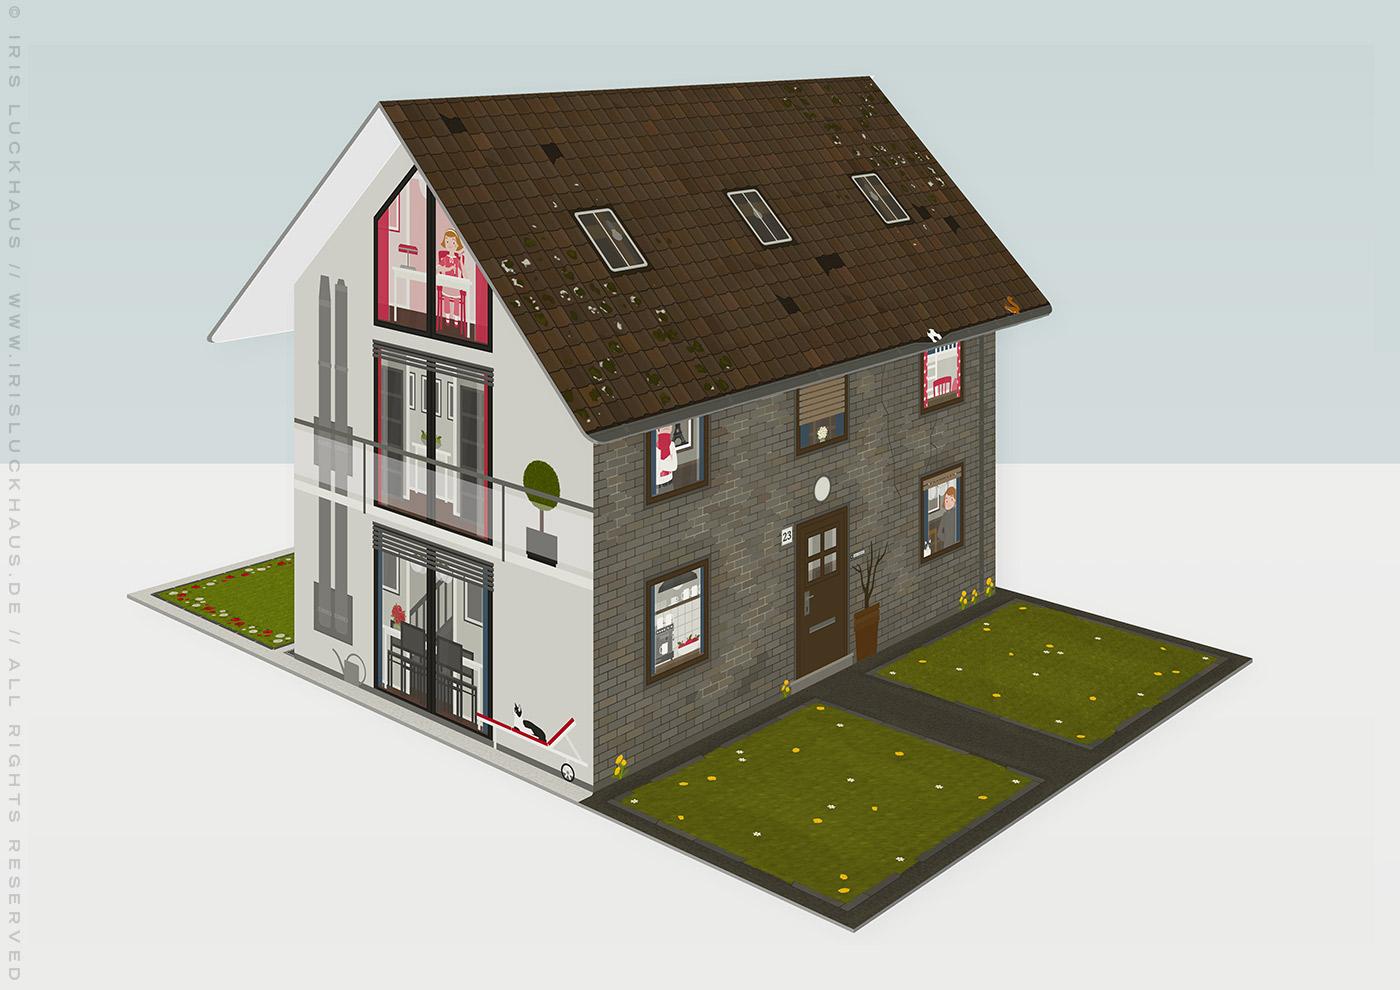 Modell der unrenovierten und der renovierten Häfte des faltbaren Modell eines Hauses aus Pappe als Erklärhilfe für die Bausparer der Stadtsparkasse Wuppertal